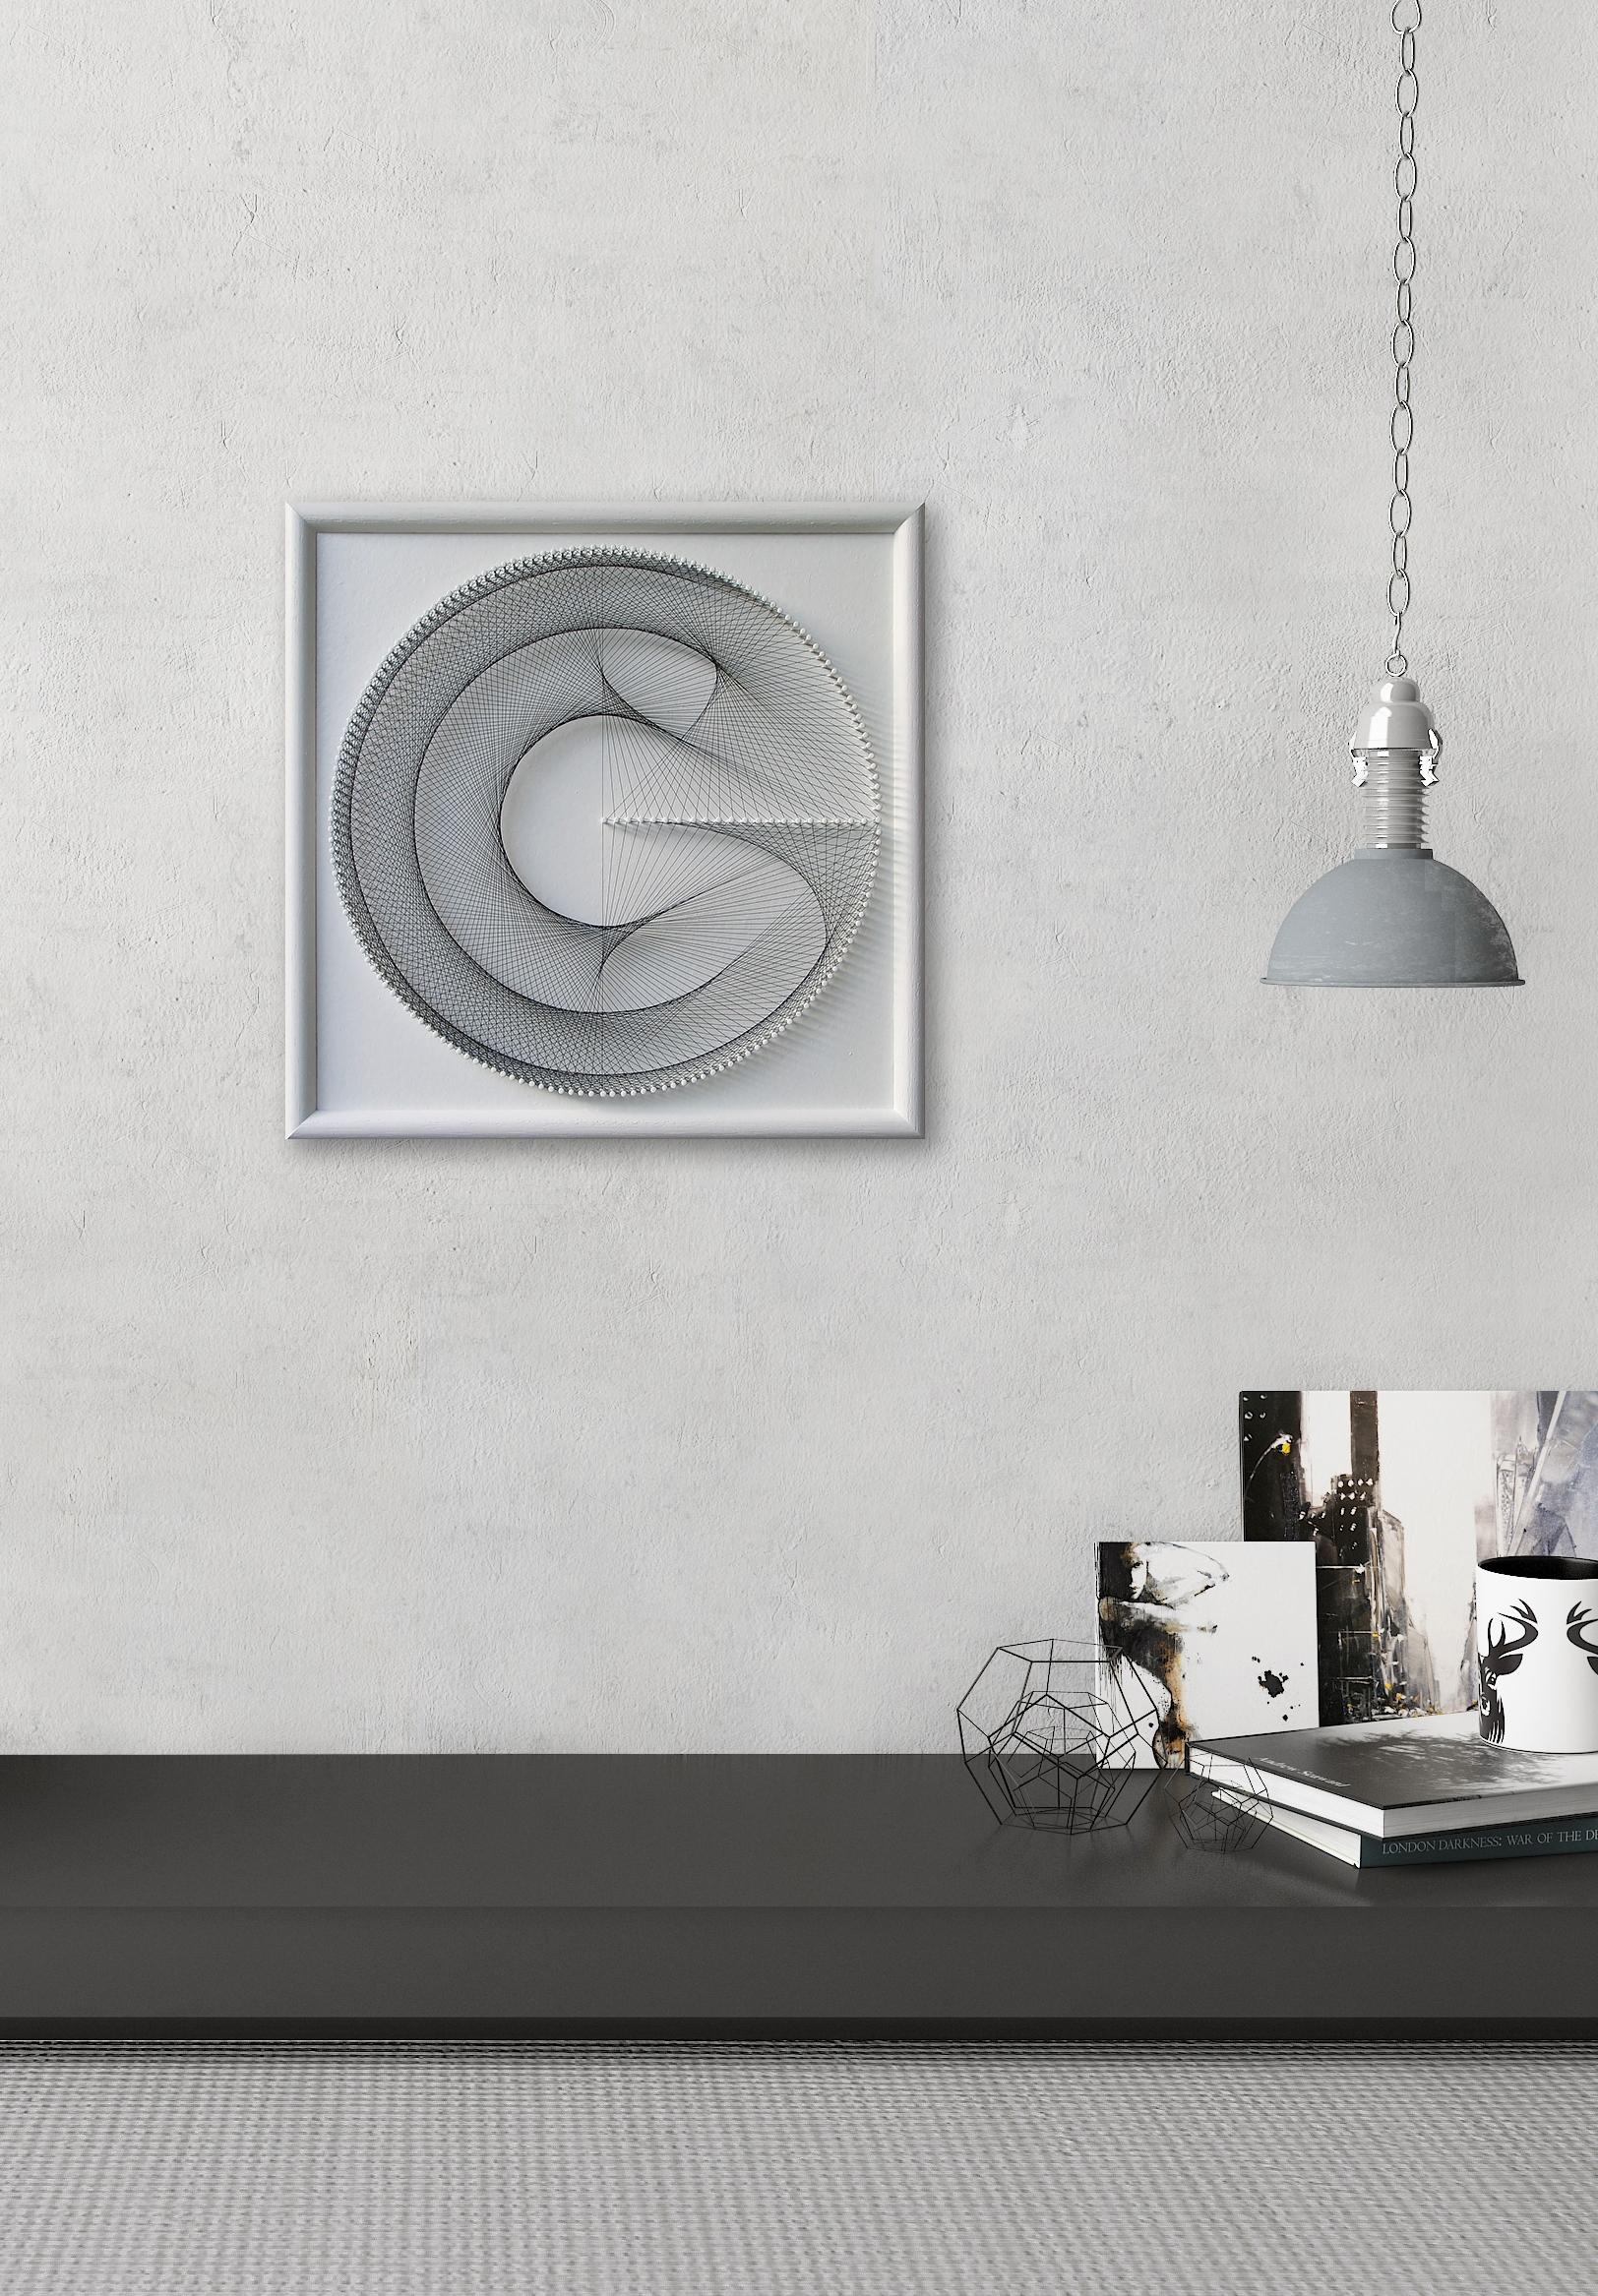 Elegant Geometric String Art – Gift For Her – White Wall Art Zen With White Wall Art (Photo 11 of 20)